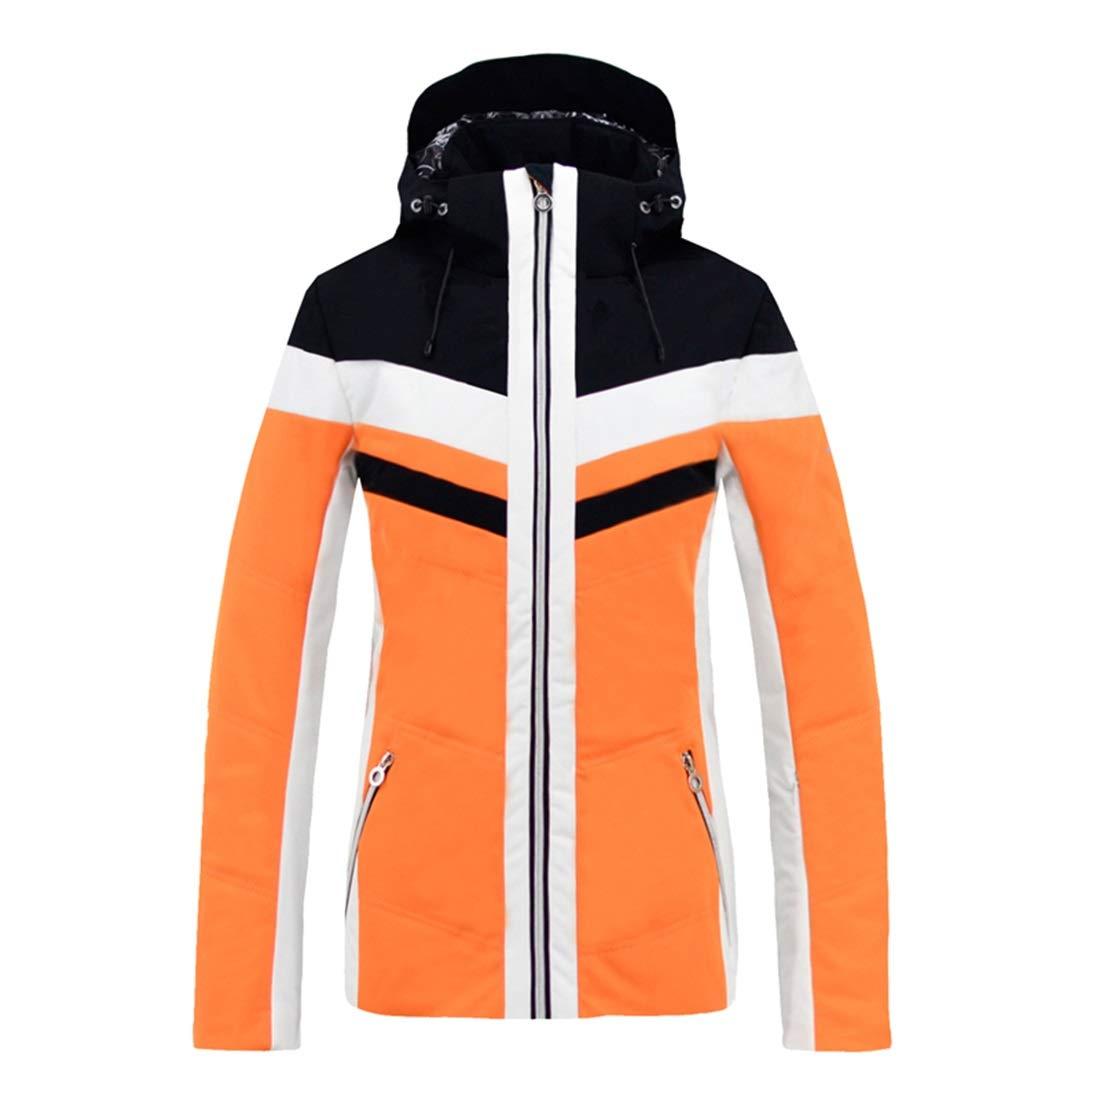 Jhcpca 女性のスキージャケットスノーボード防水防風スノージャケット オレンジ M